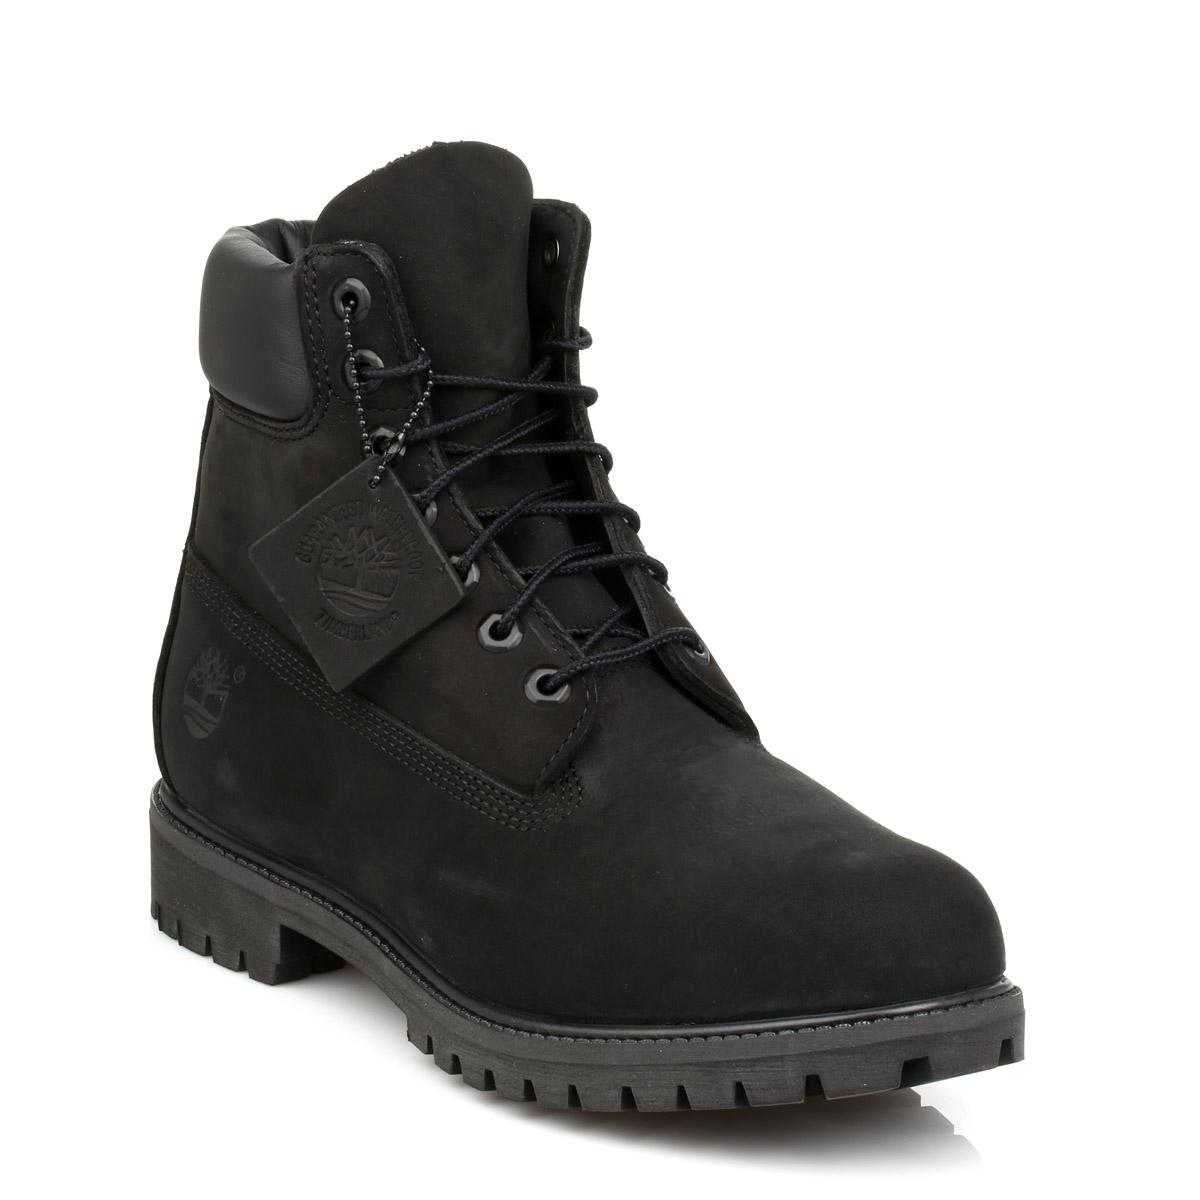 Shoe Boots Lace Up Mens